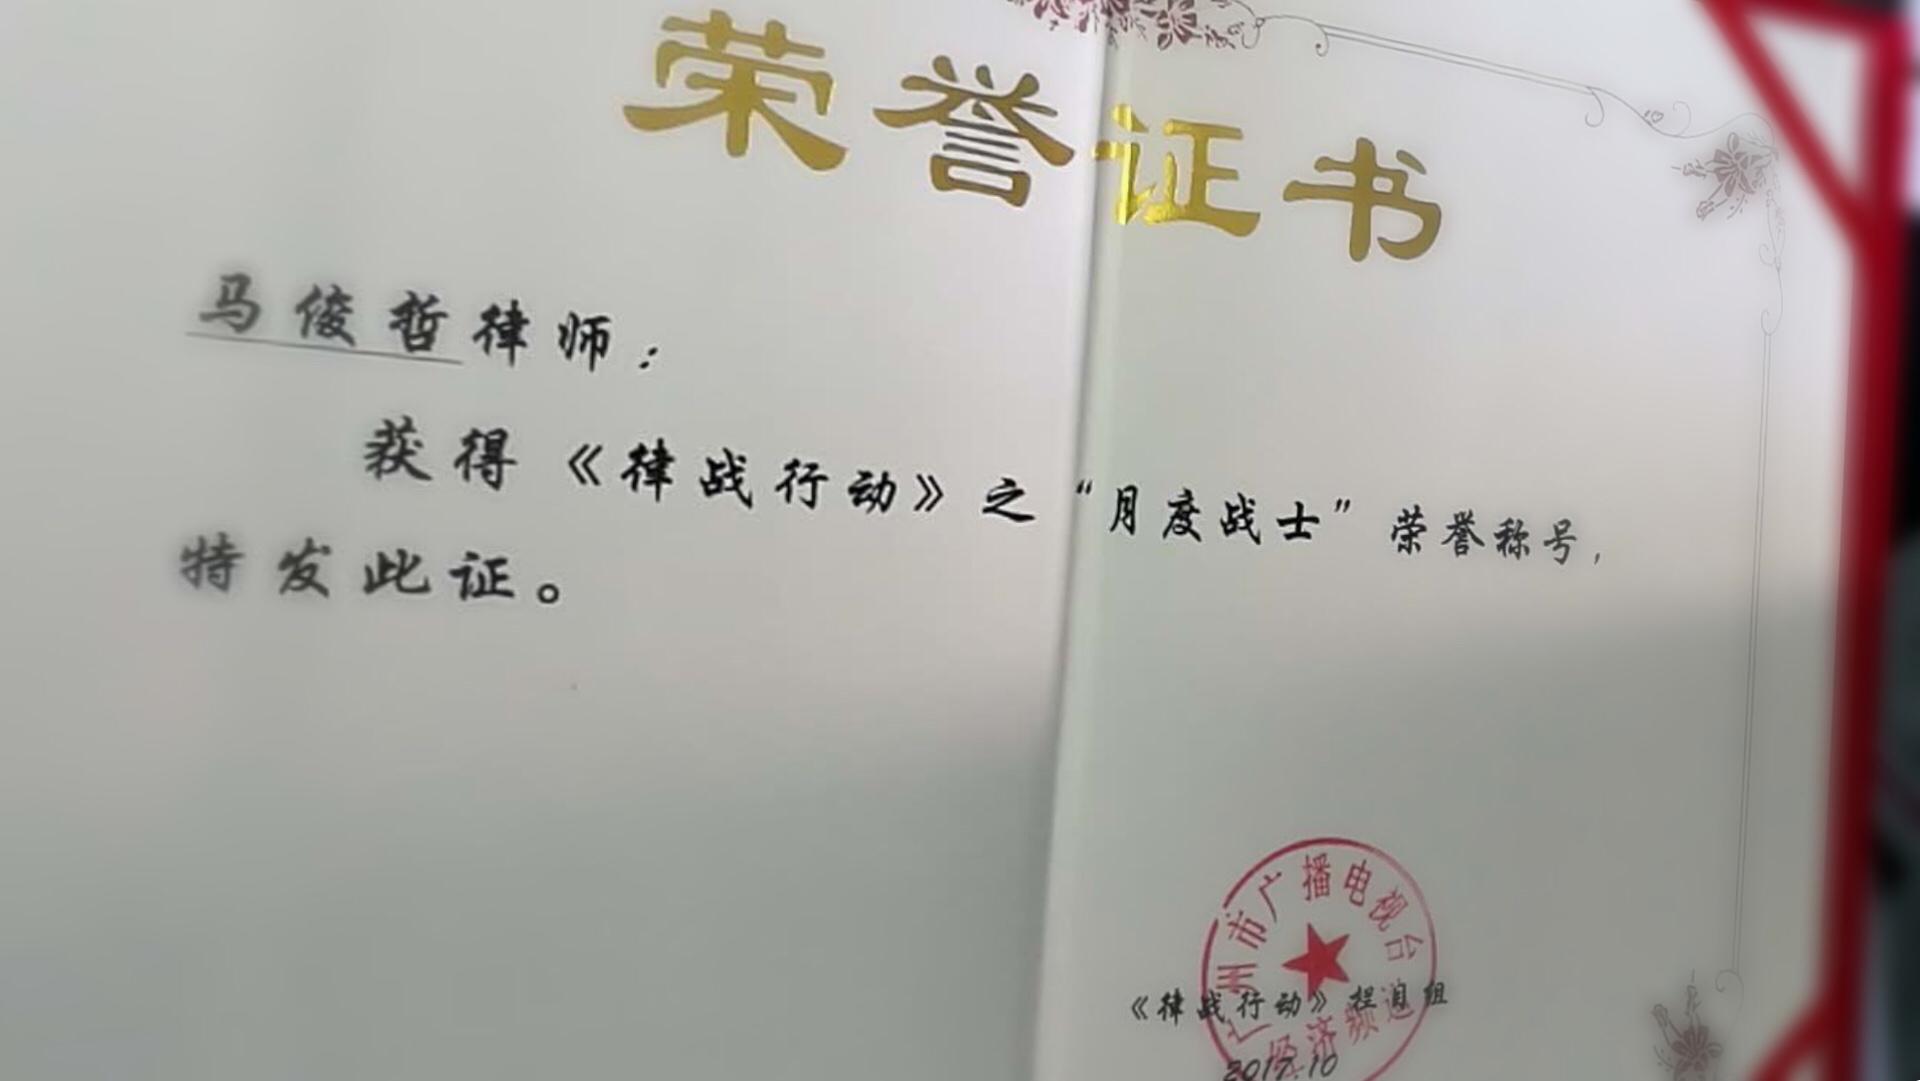 马俊哲律师荣获《律战行动》月度战士1